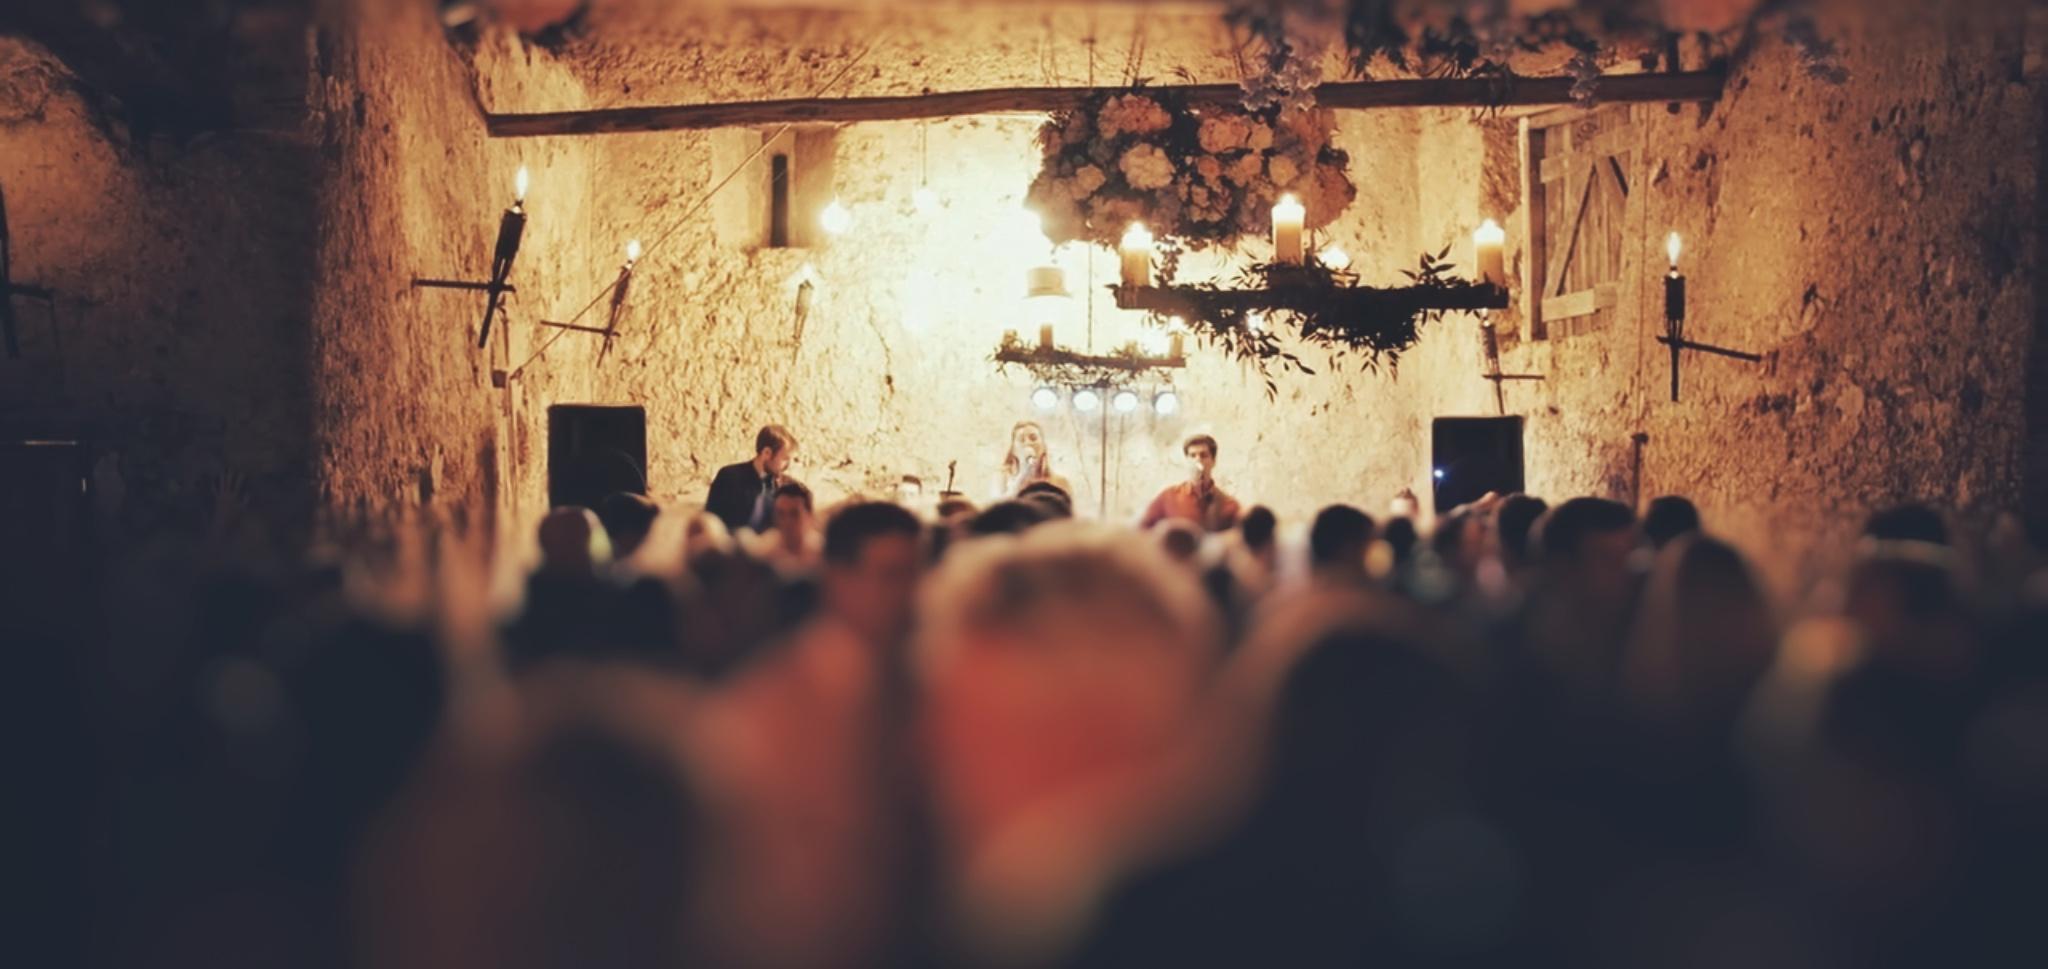 Check One Music Barn Full Shot.jpg